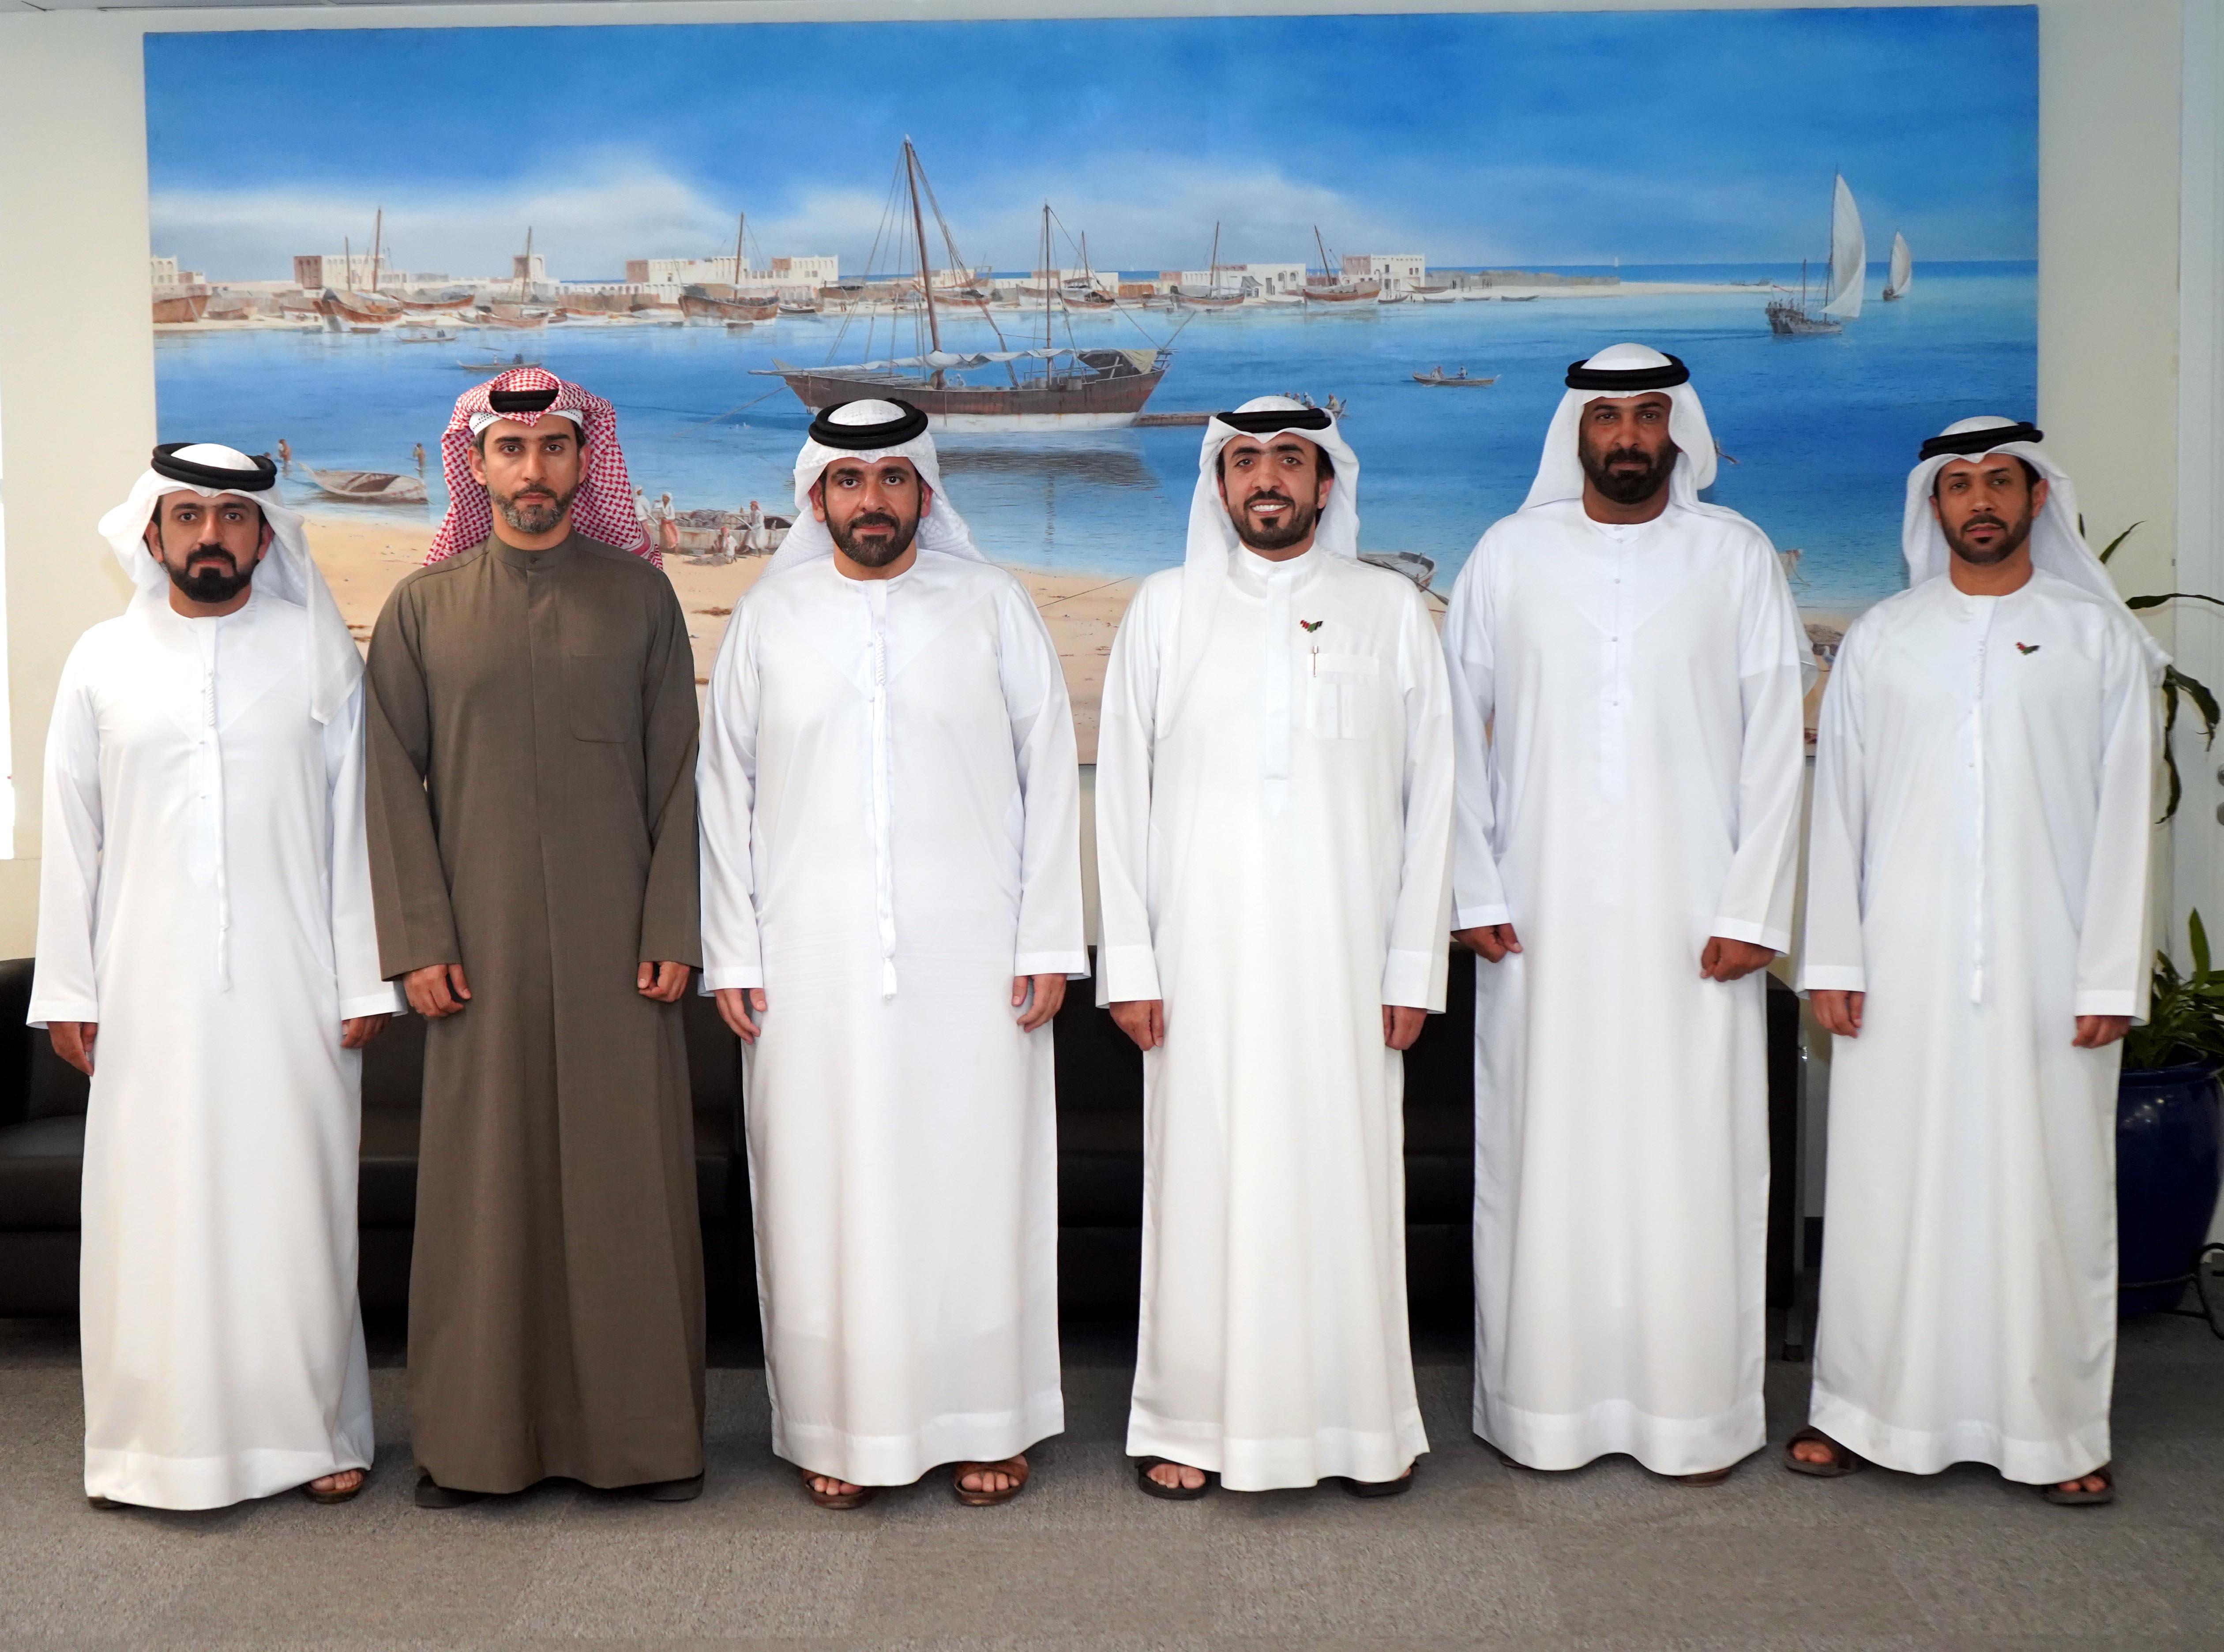 إدارة (دبي البحري) تتطلع لمواصلة النجاحات والارتقاء والتطوير